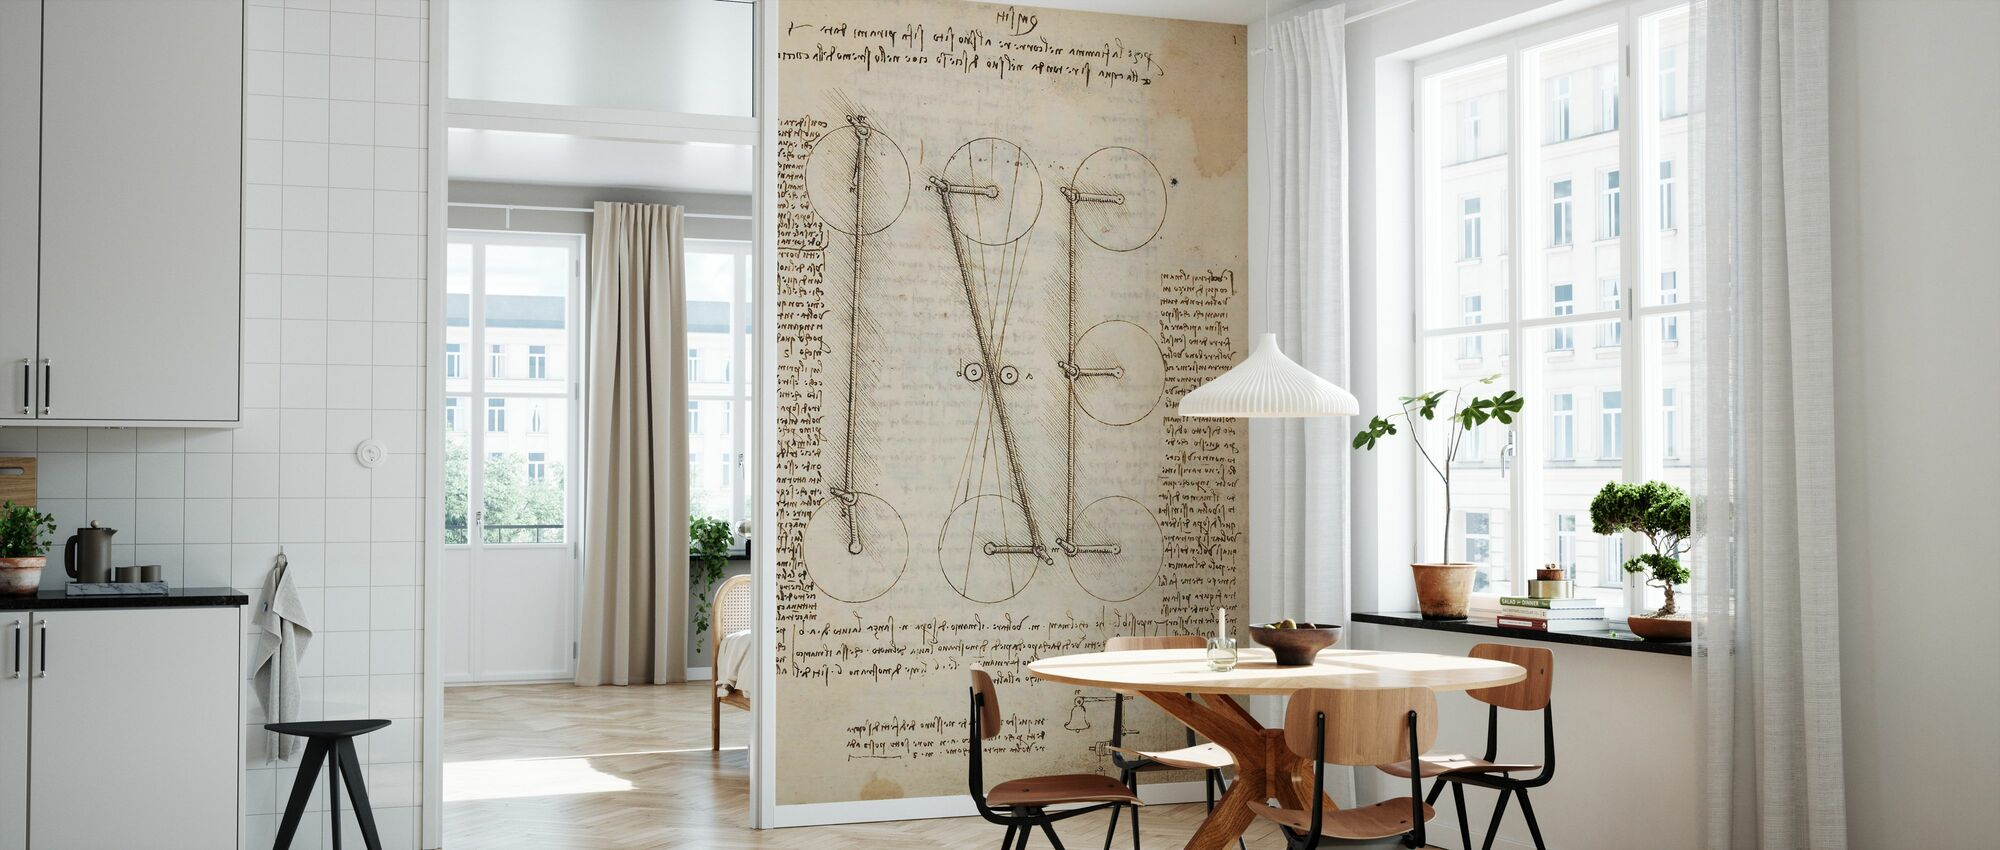 Codex Madrid I - Leonardo da Vinci - Wallpaper - Kitchen